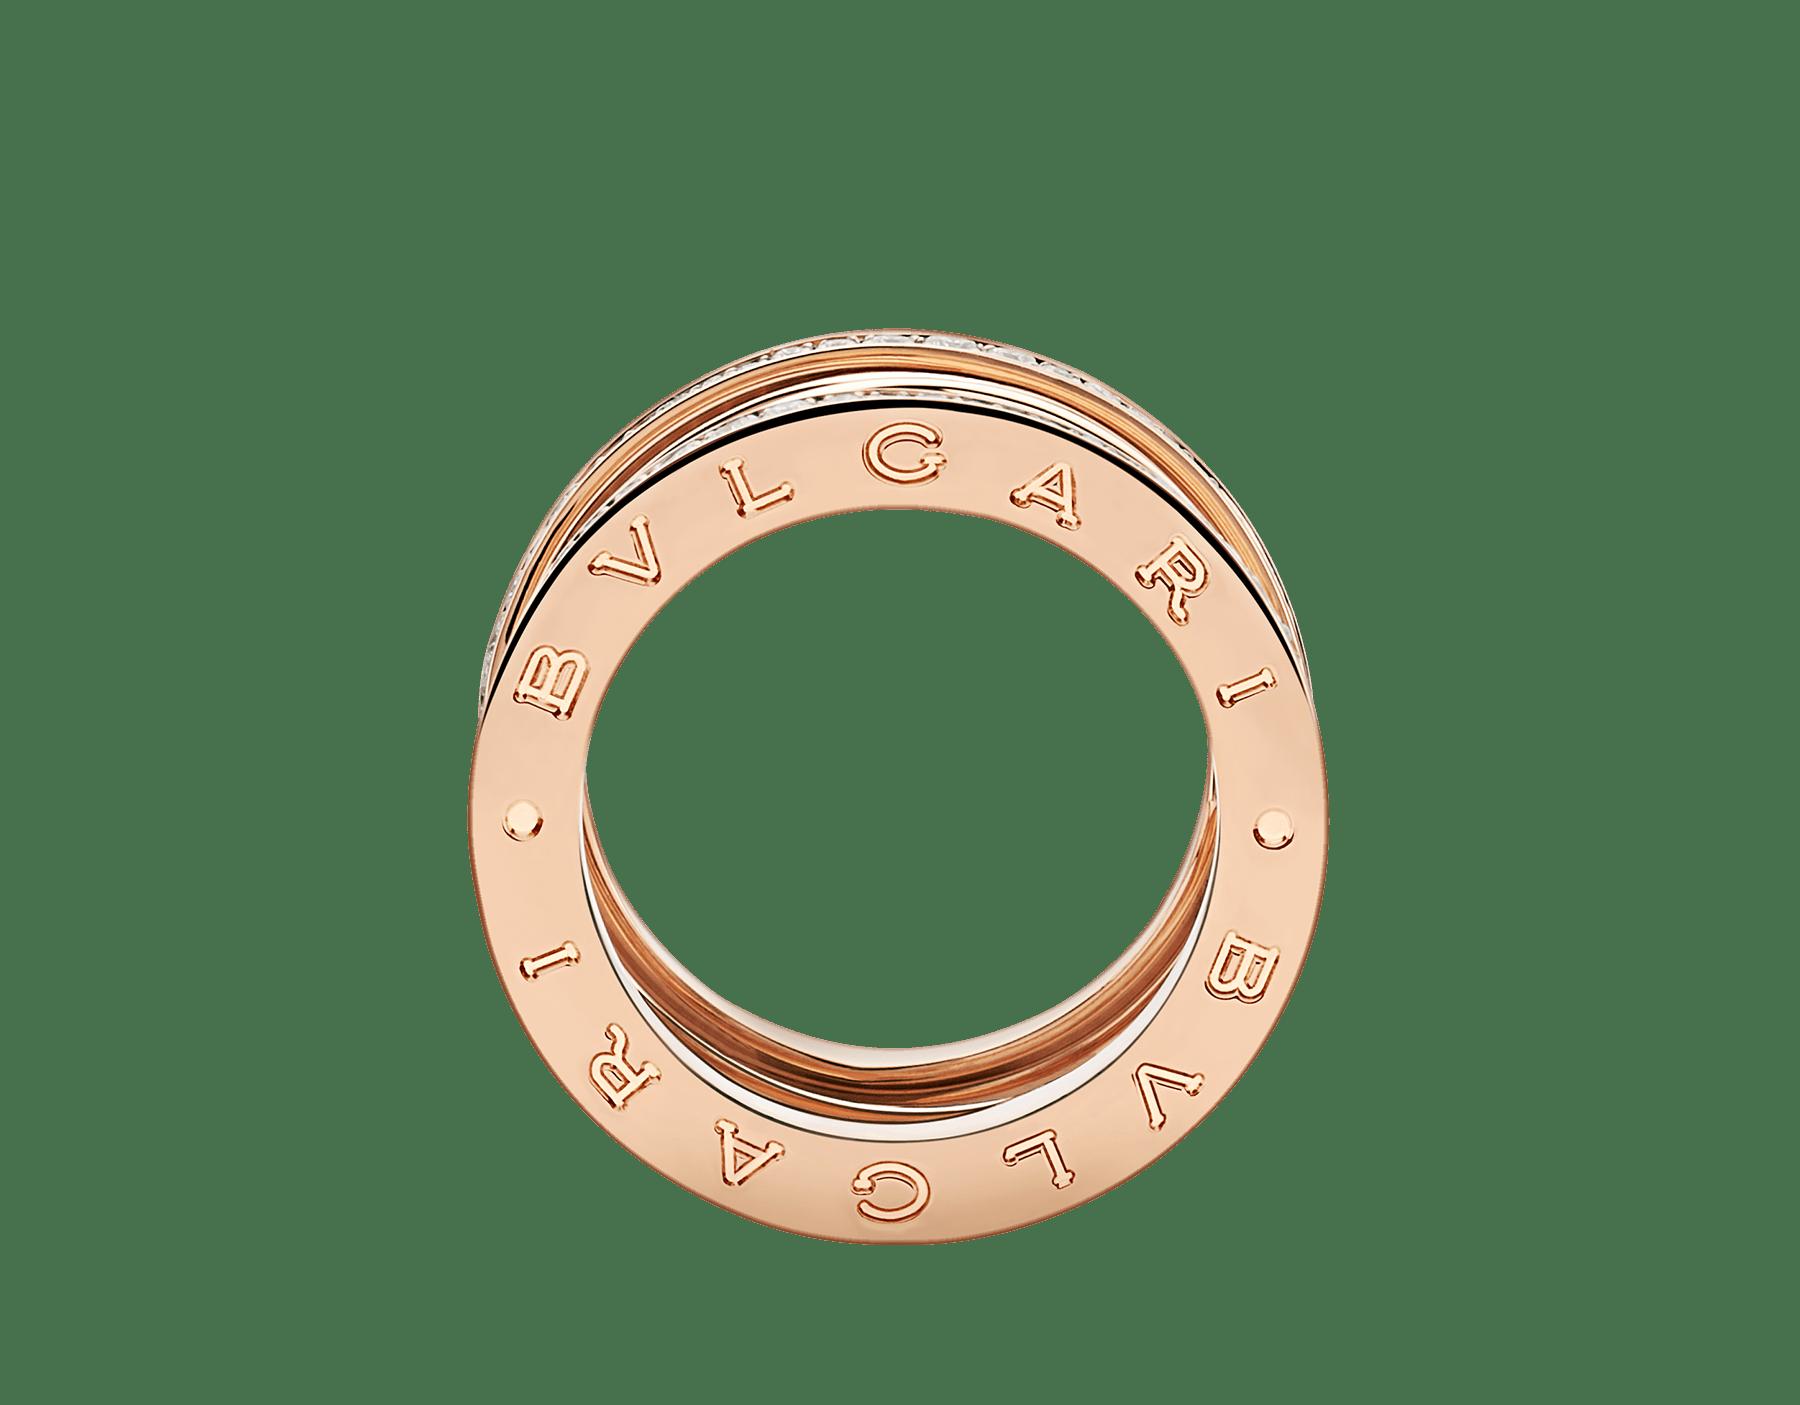 Anel B.zero1 Legend de 4 aros em ouro rosa 18K cravejado com pavê de diamantes (0,61ct) nas bordas. B-zero1-4-bands-AN858125 image 2